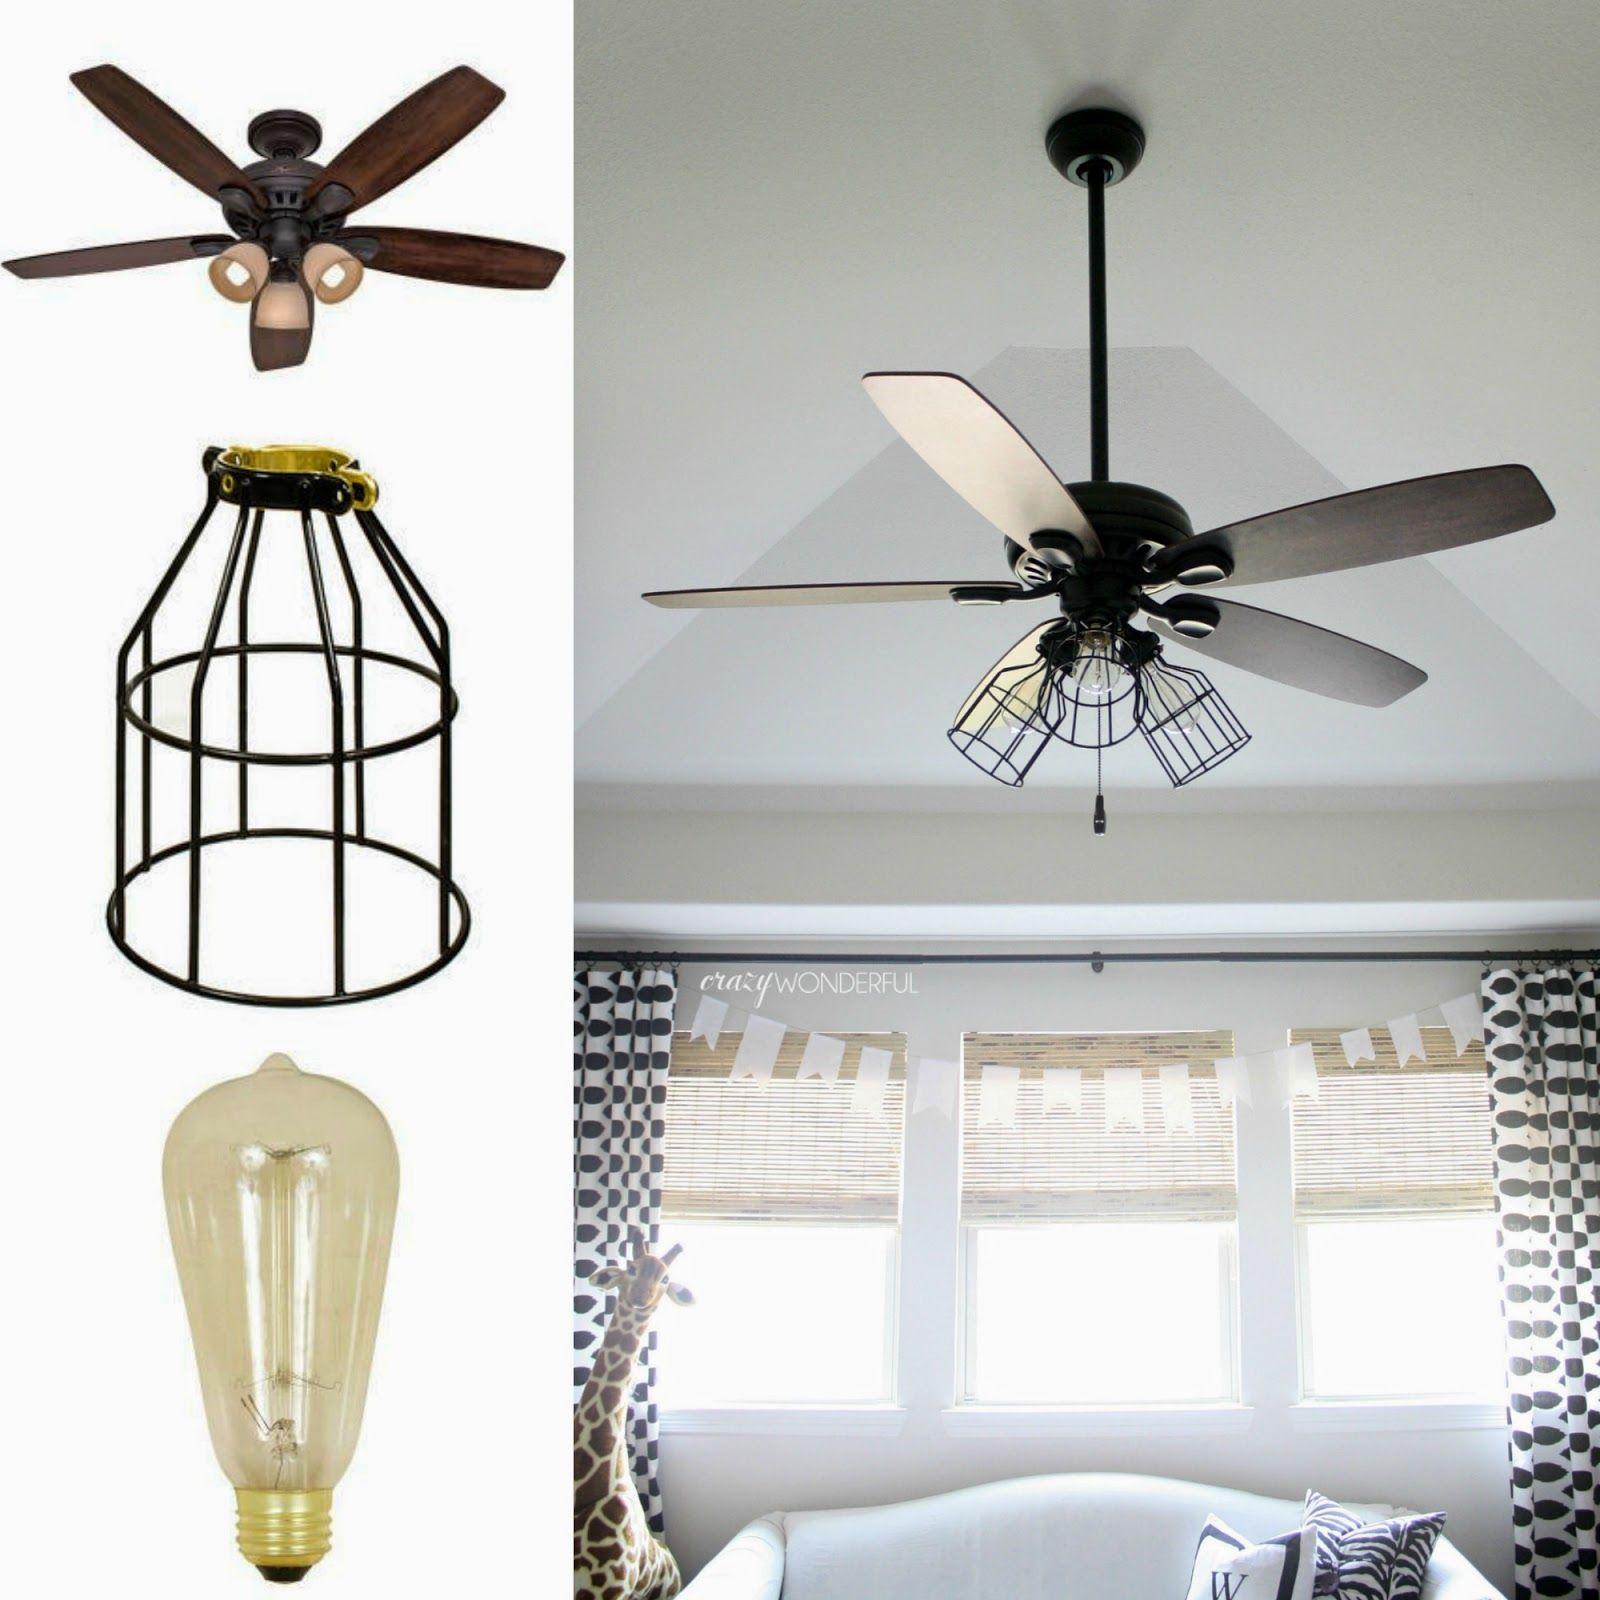 Crazy Wonderful DIY cage light ceiling fan DIY